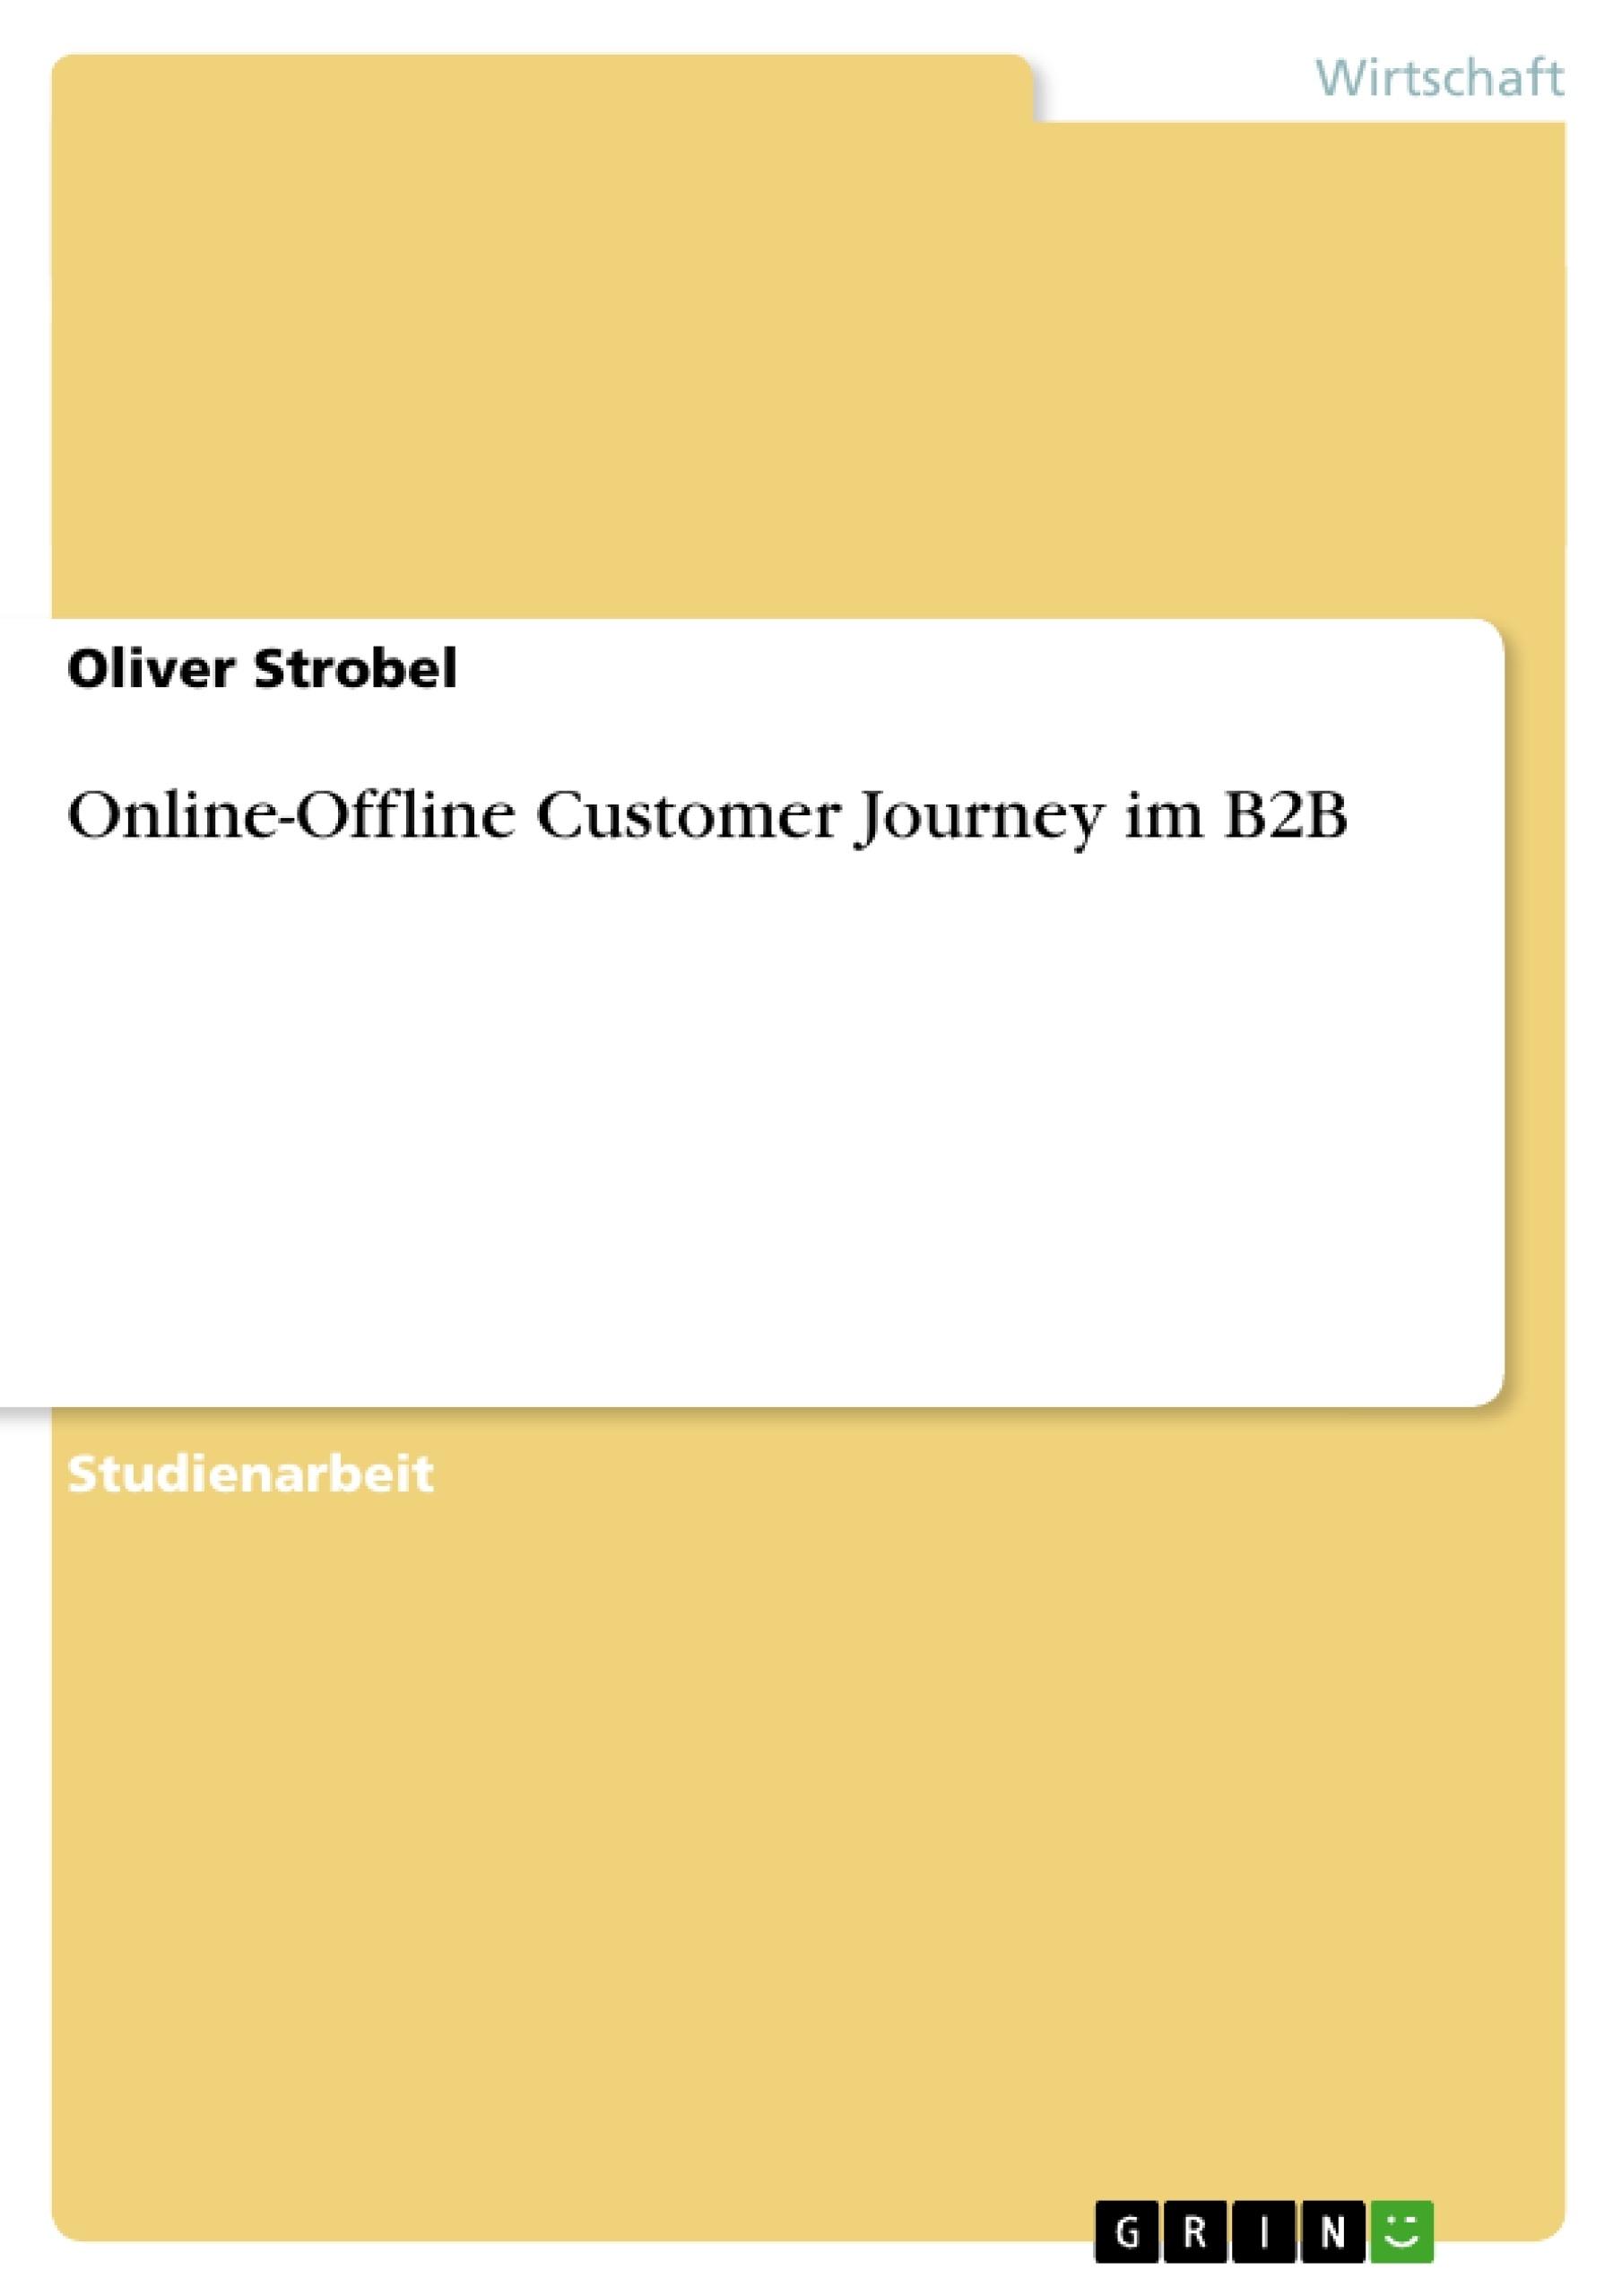 Titel: Online-Offline Customer Journey im B2B